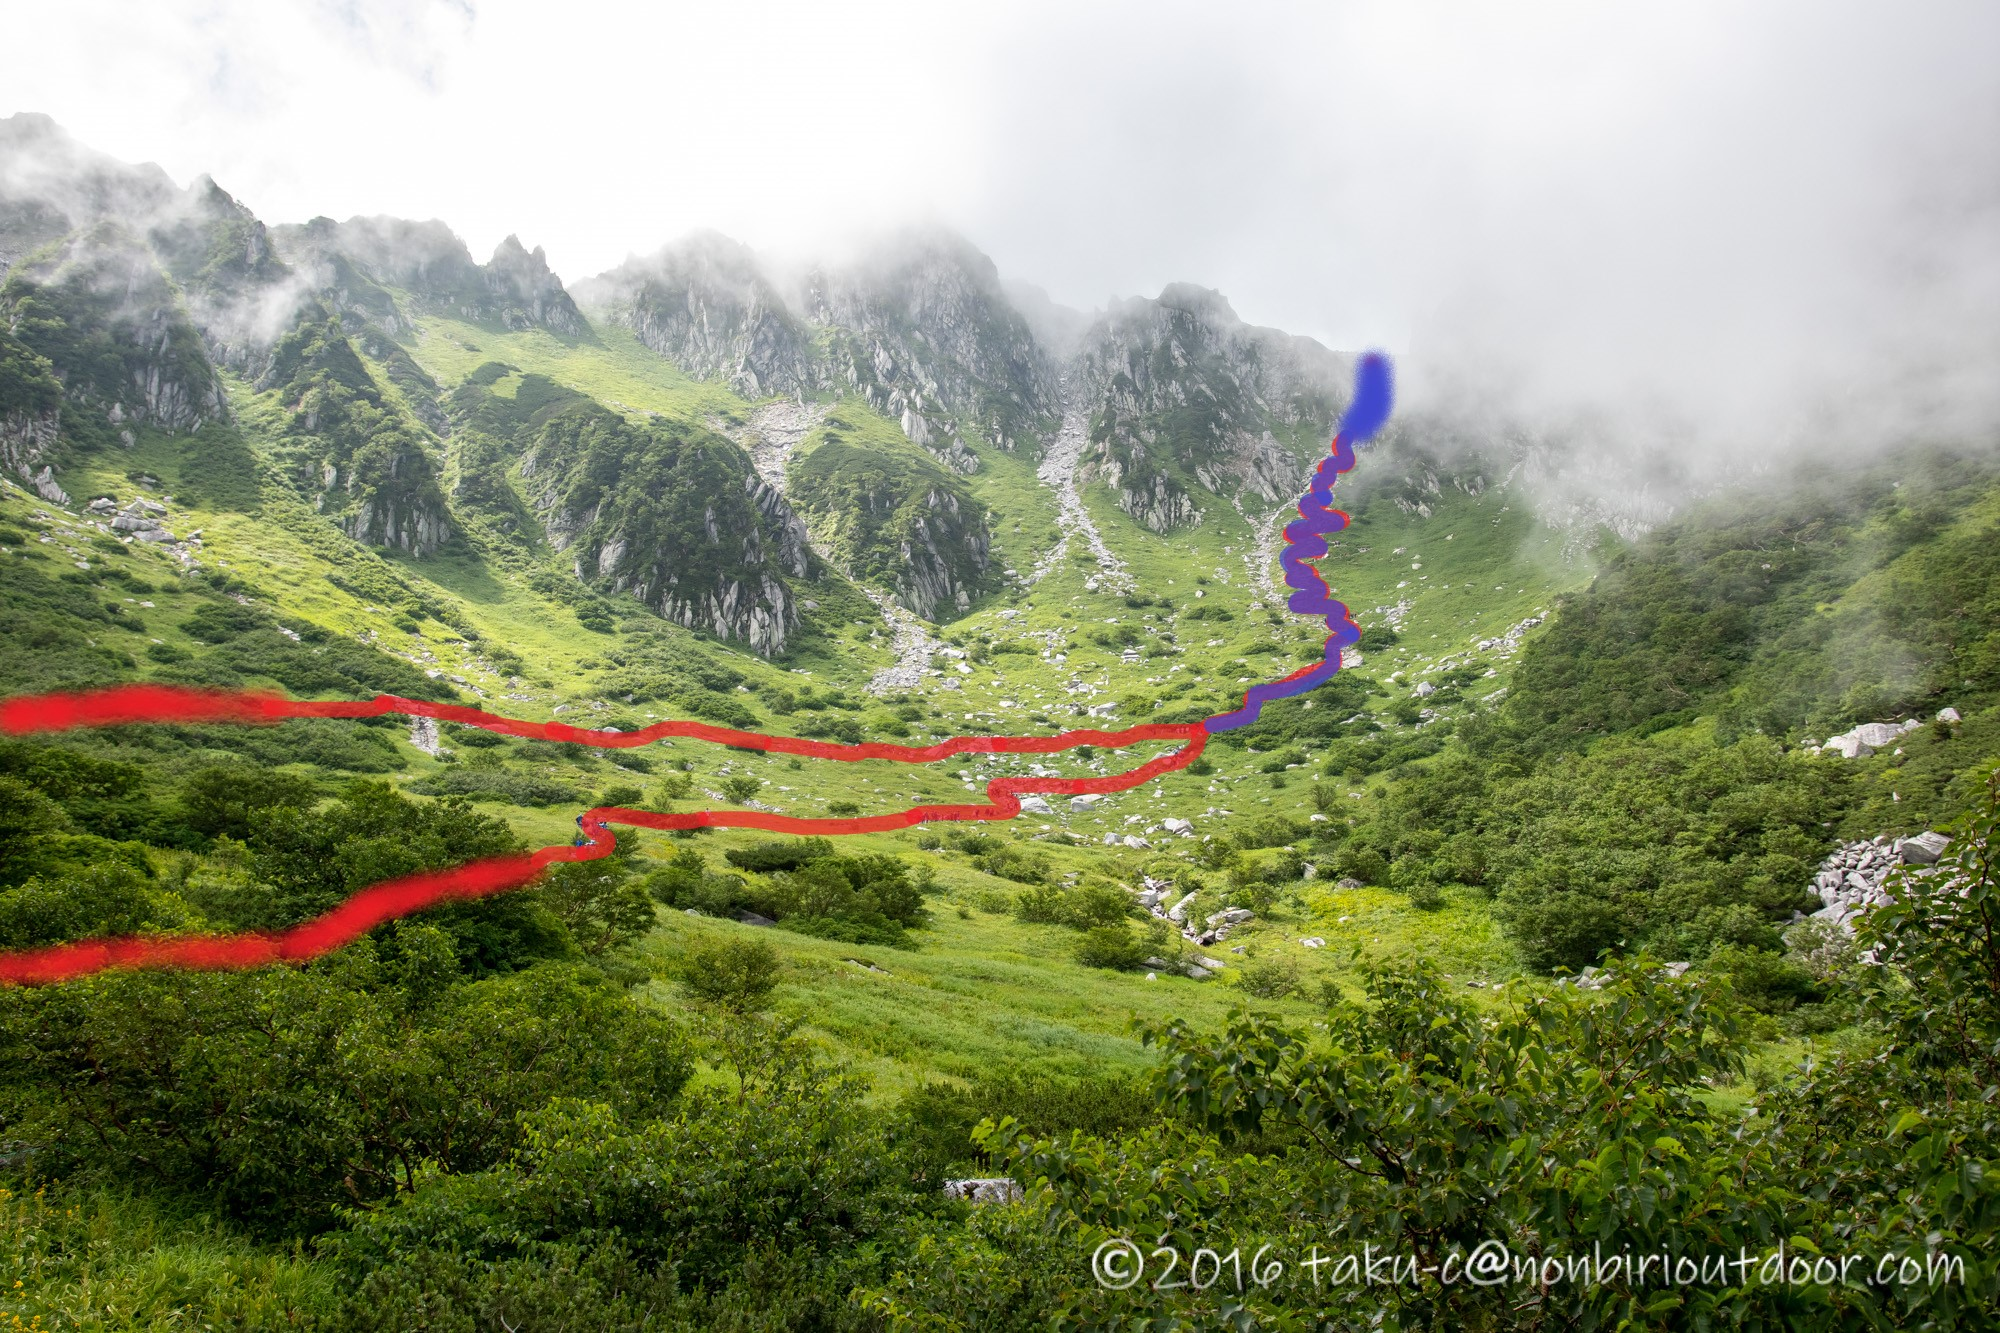 千畳敷カールの全景と遊歩道と登山道